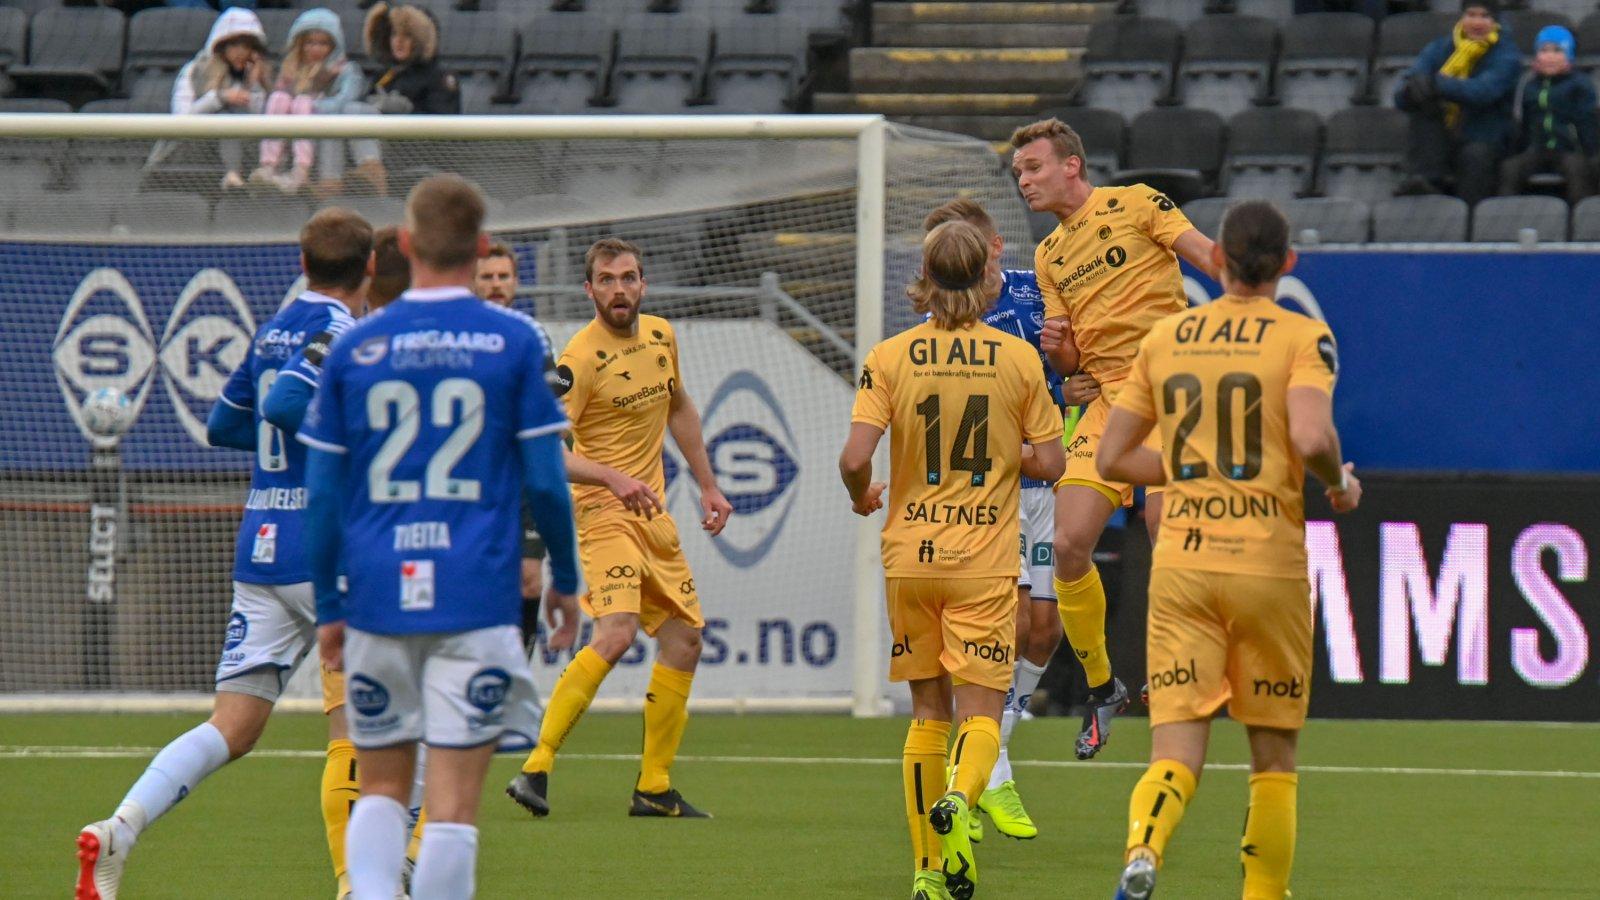 Bodø/Glimt møtte Sarpsborg 08 til kamp 2. påskedag.